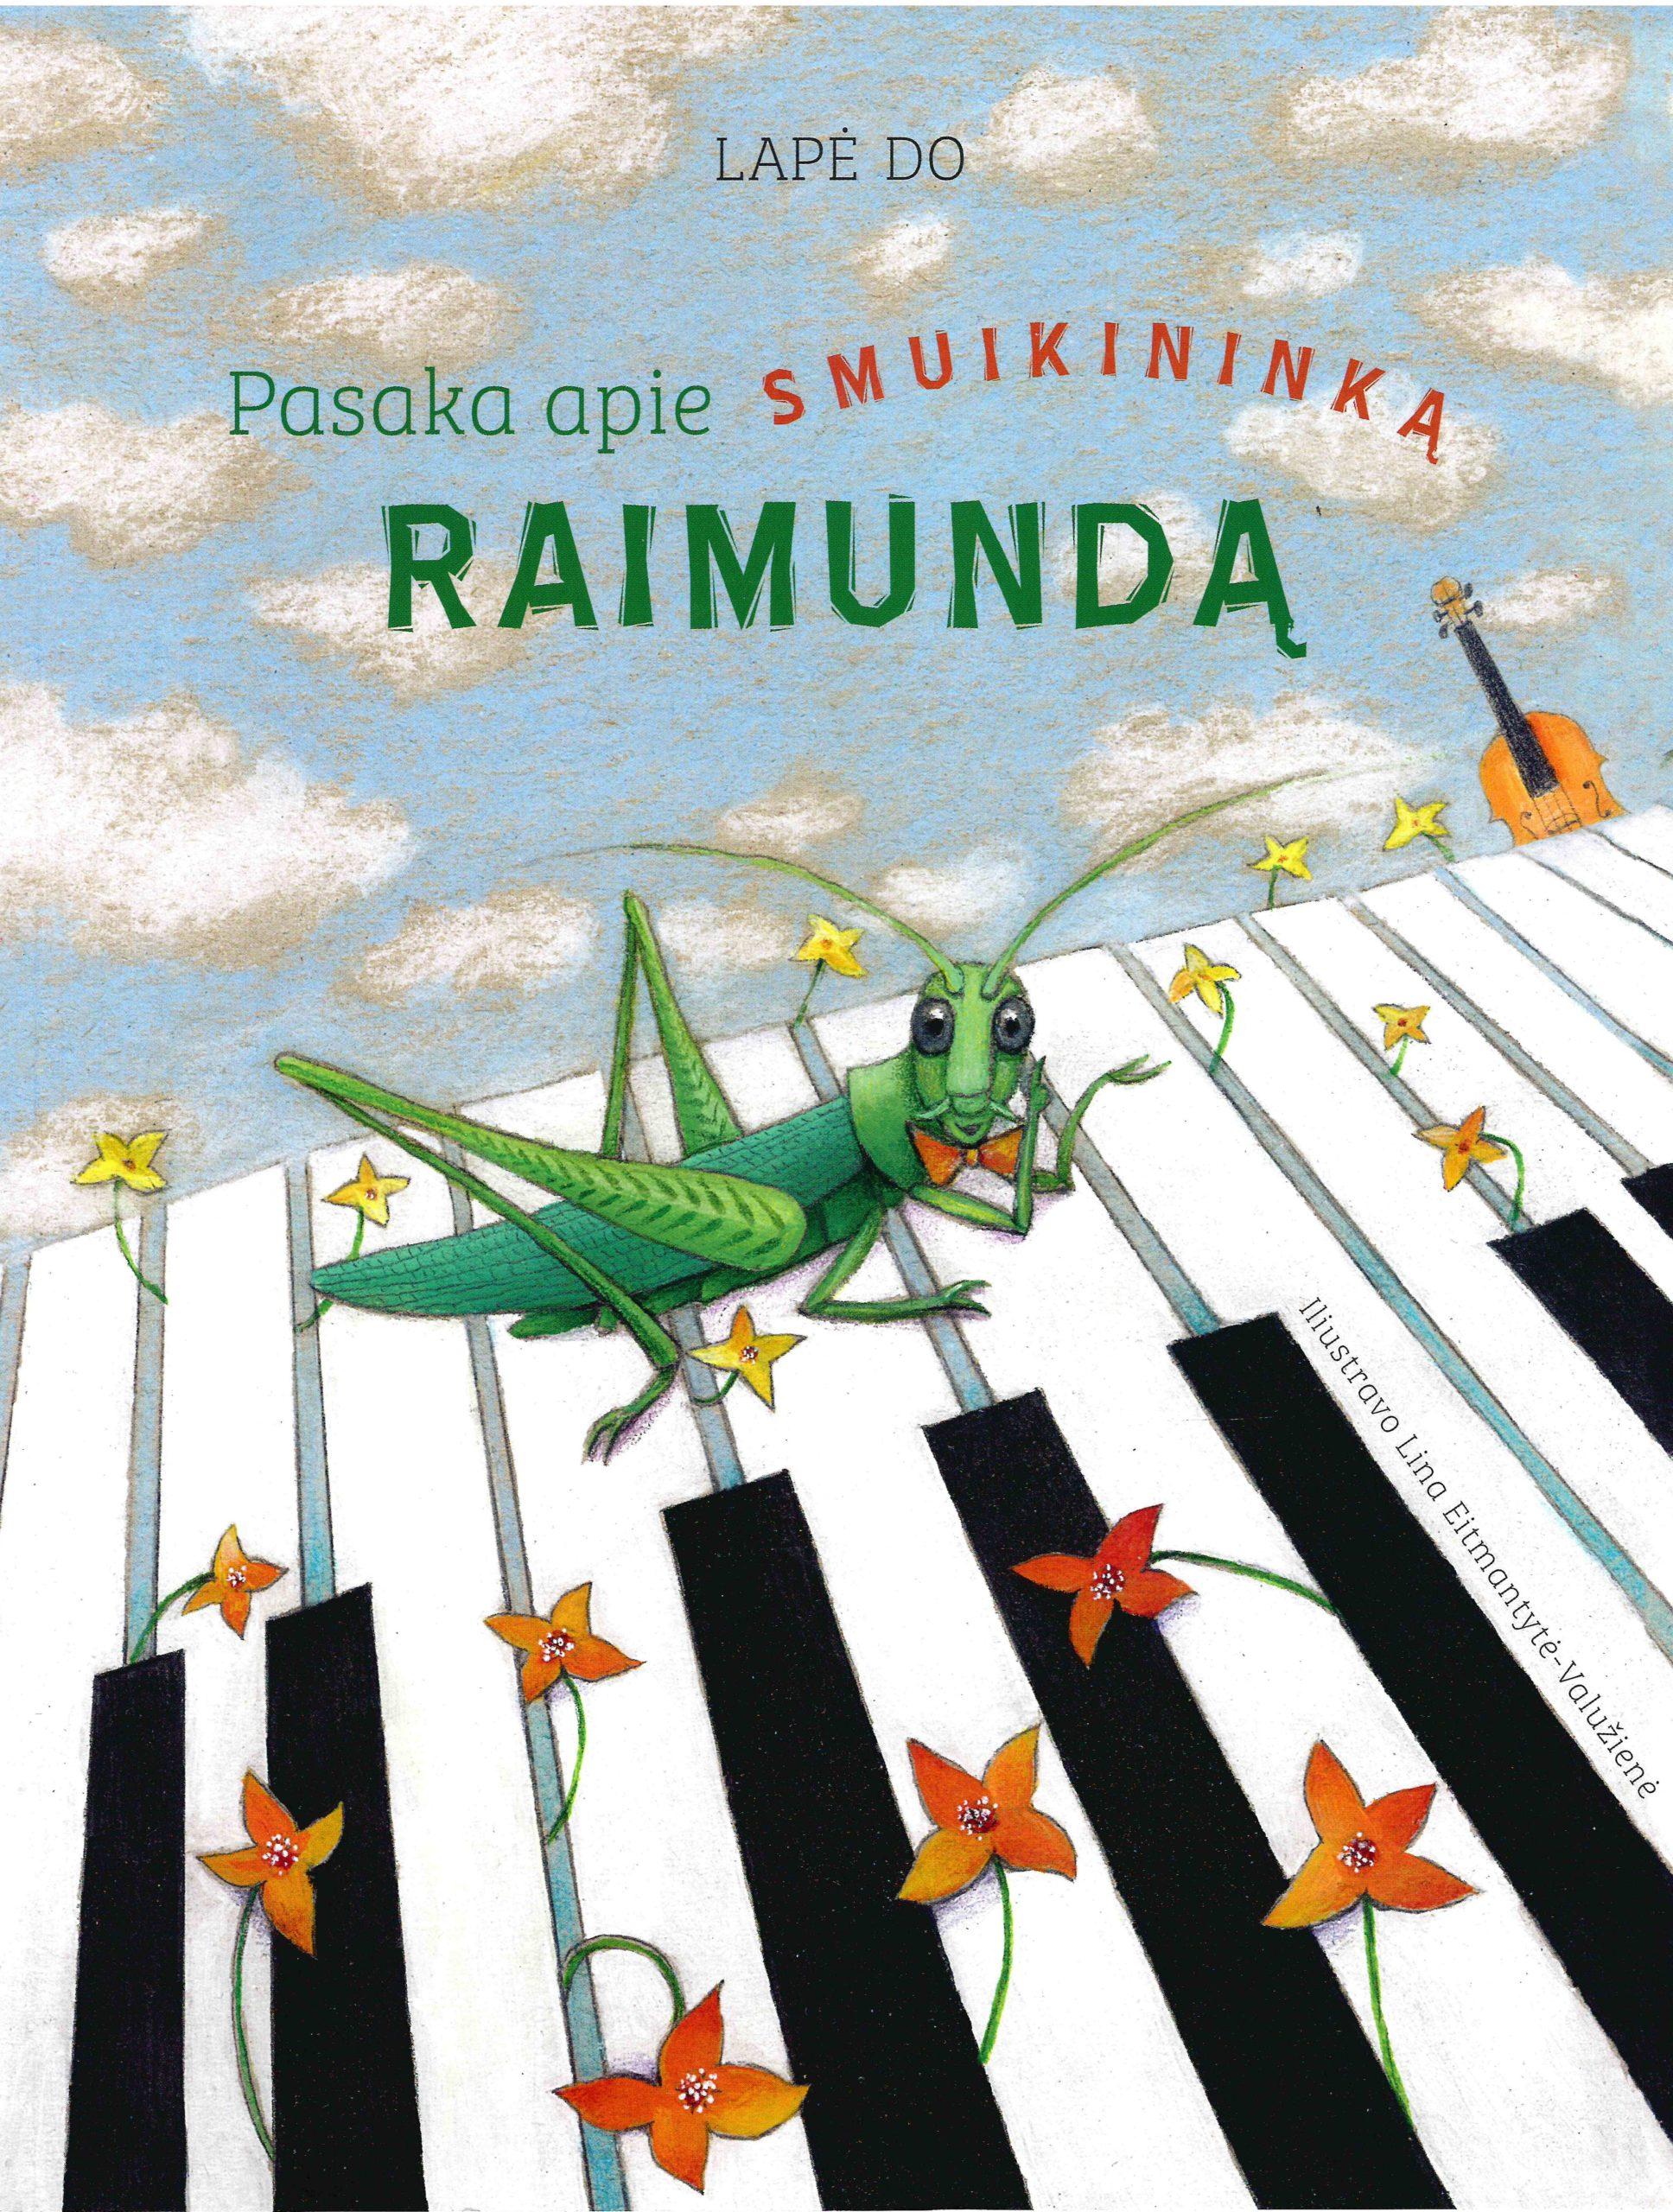 Pasaka apie smuikininką Raimundą